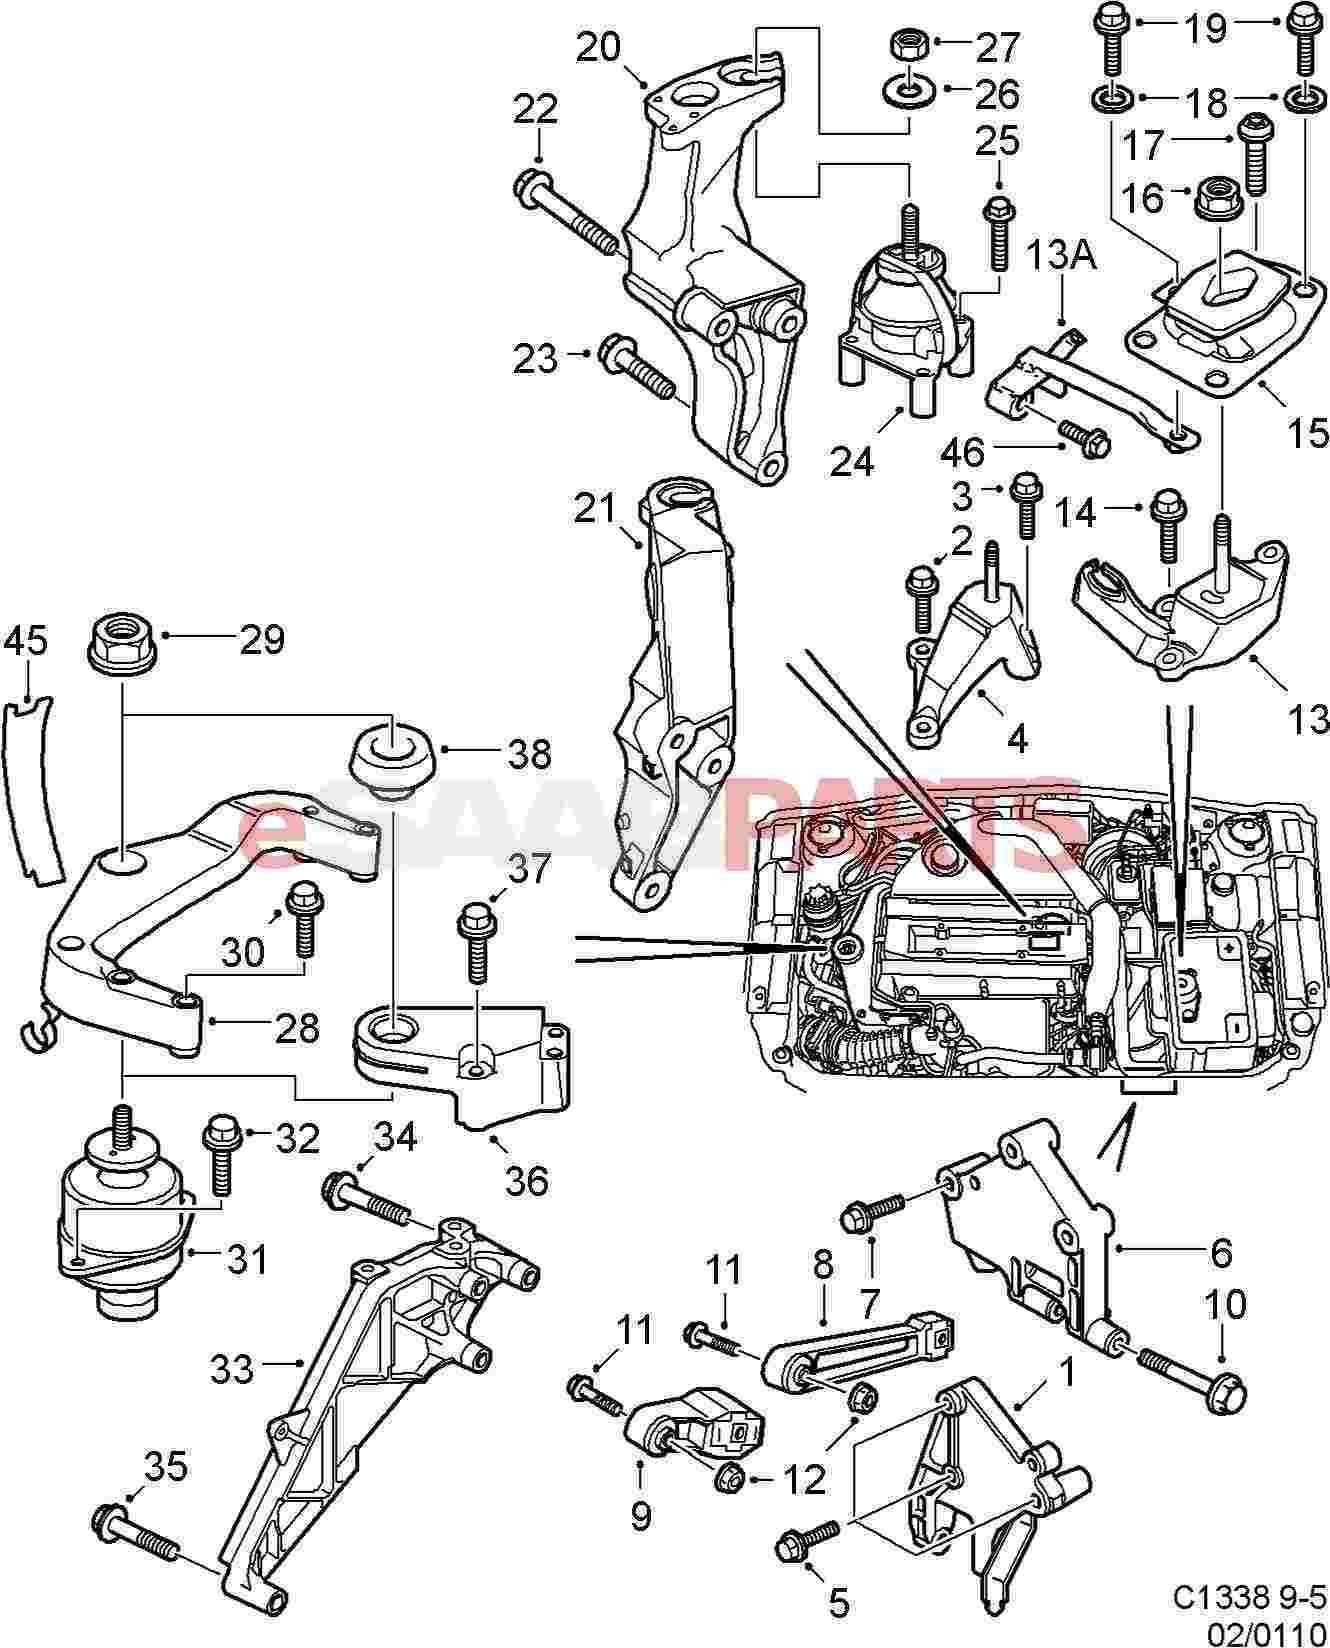 Saab 9 3 Turbo Wiring Schematic